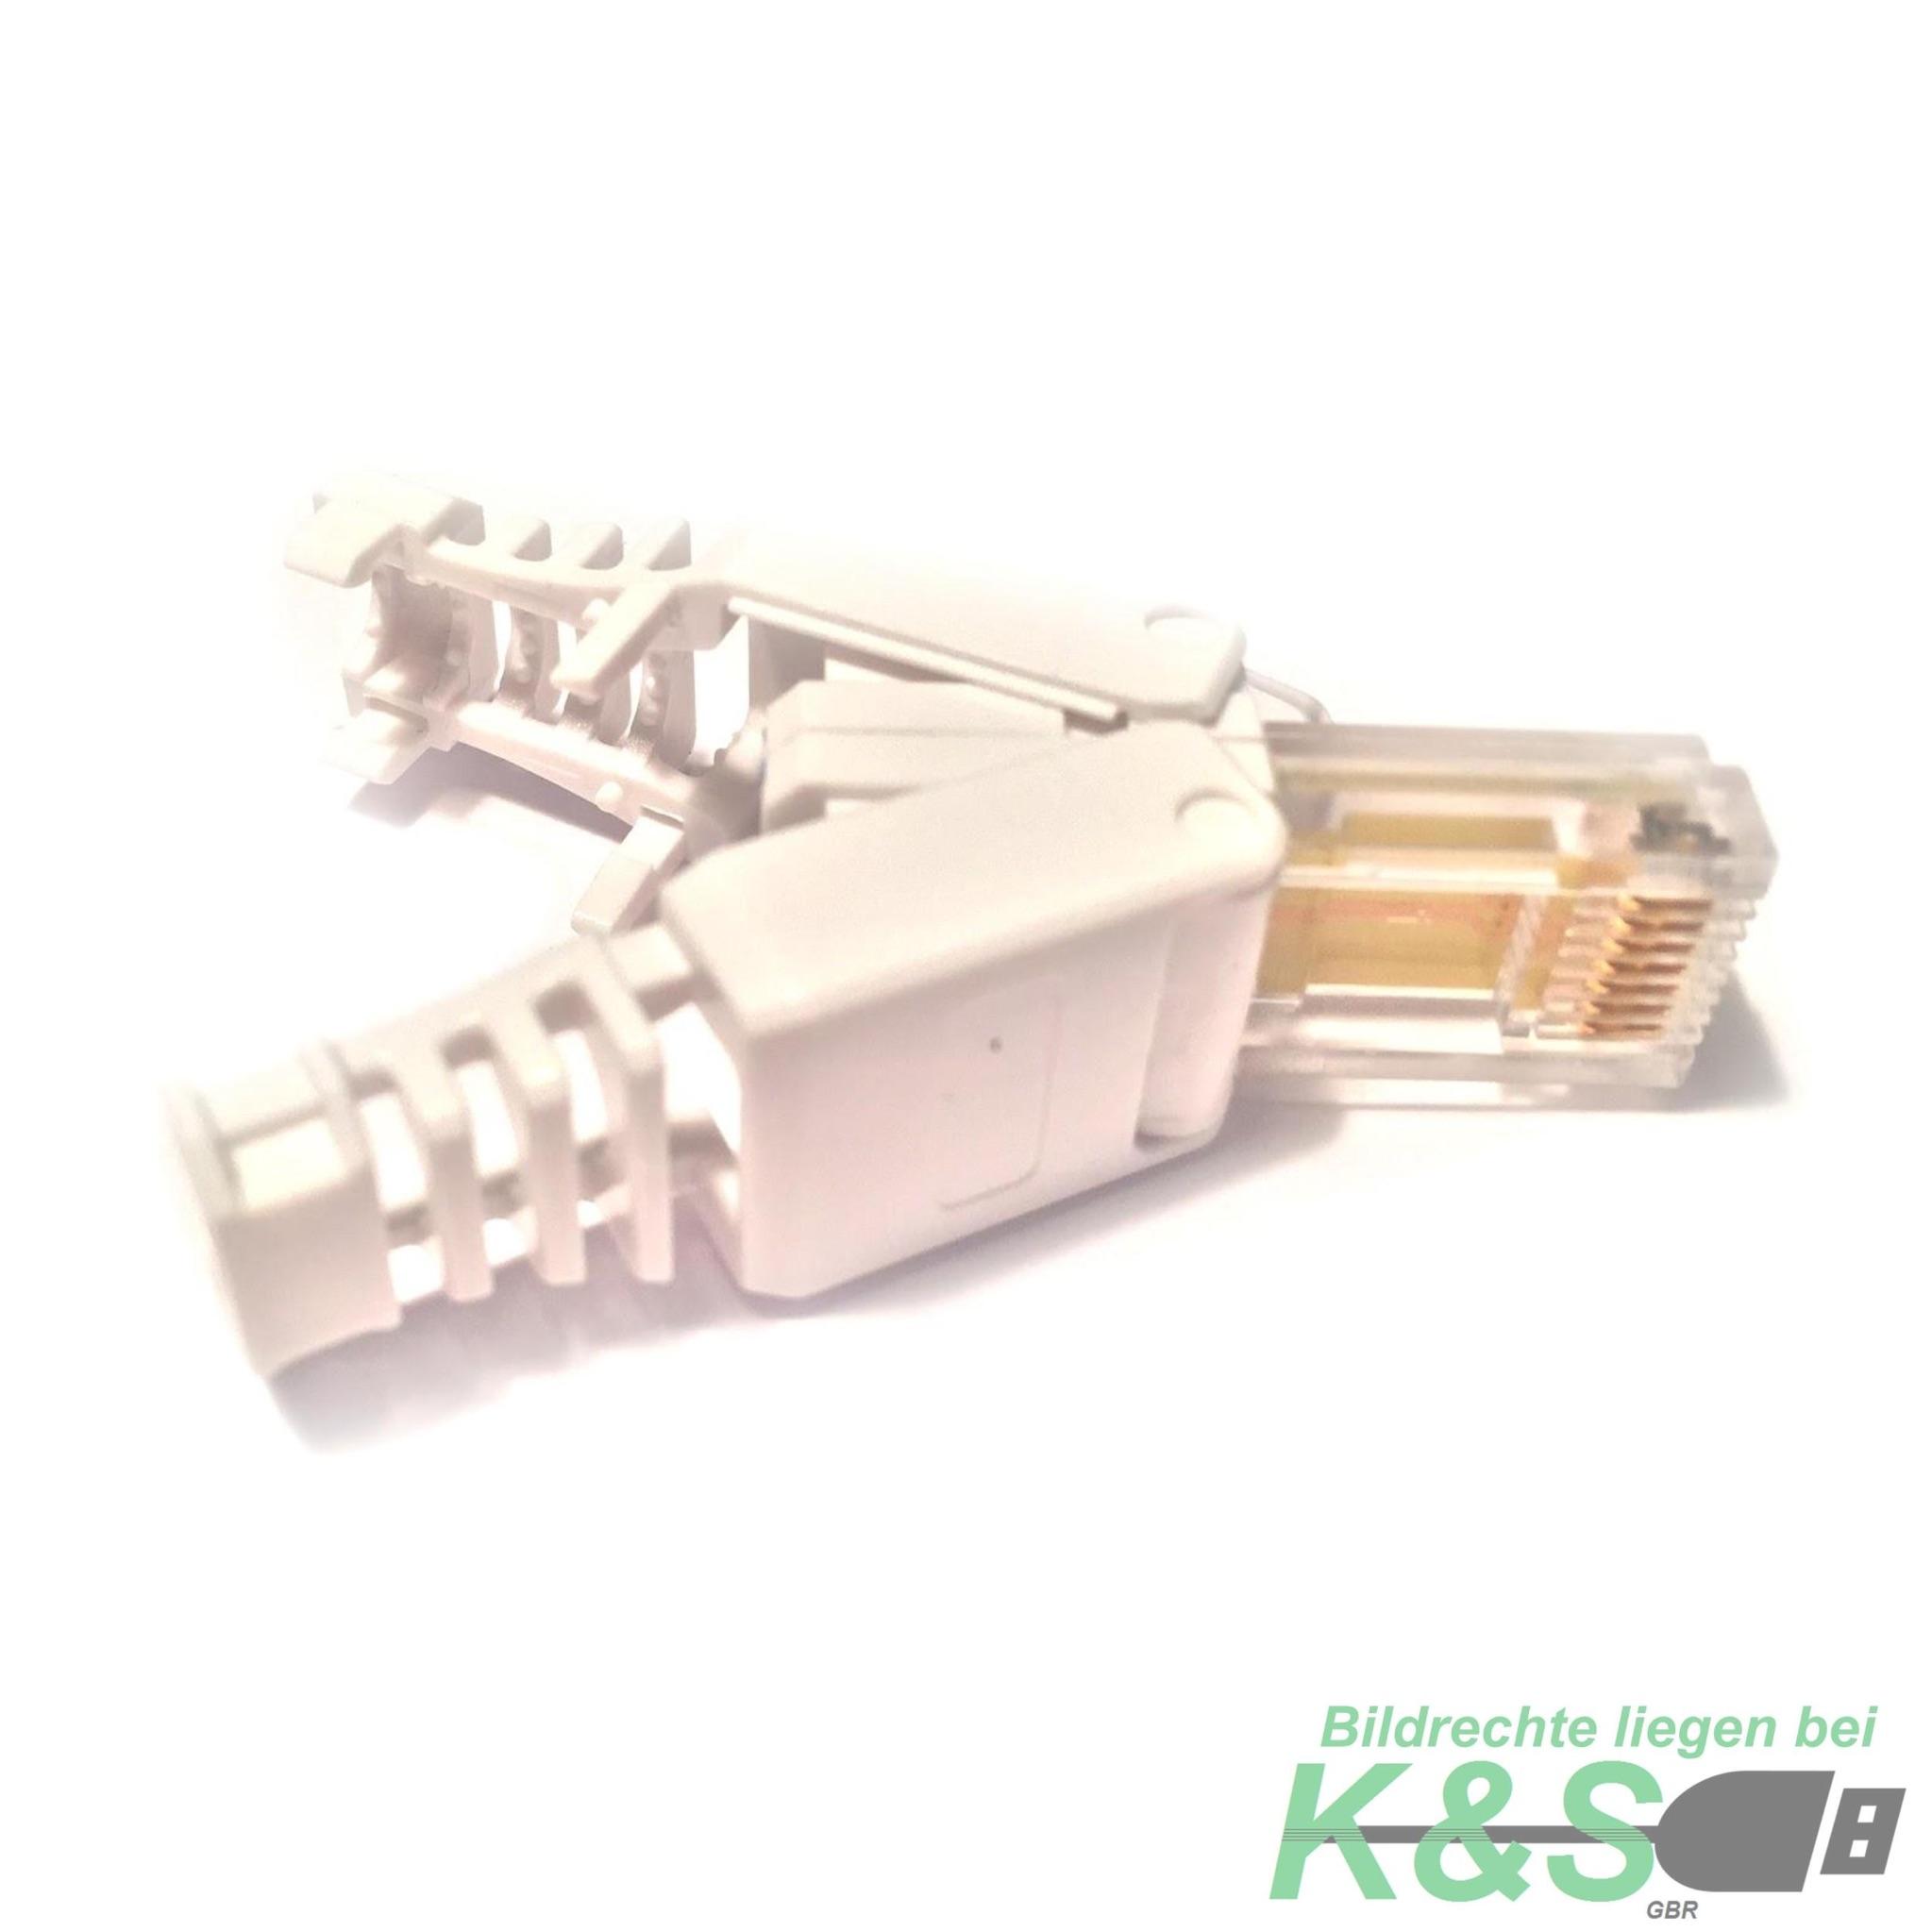 rj45 netzwerkstecker ohne werkzeug cat6 lan utp kabel stecker werkzeuglos ebay. Black Bedroom Furniture Sets. Home Design Ideas